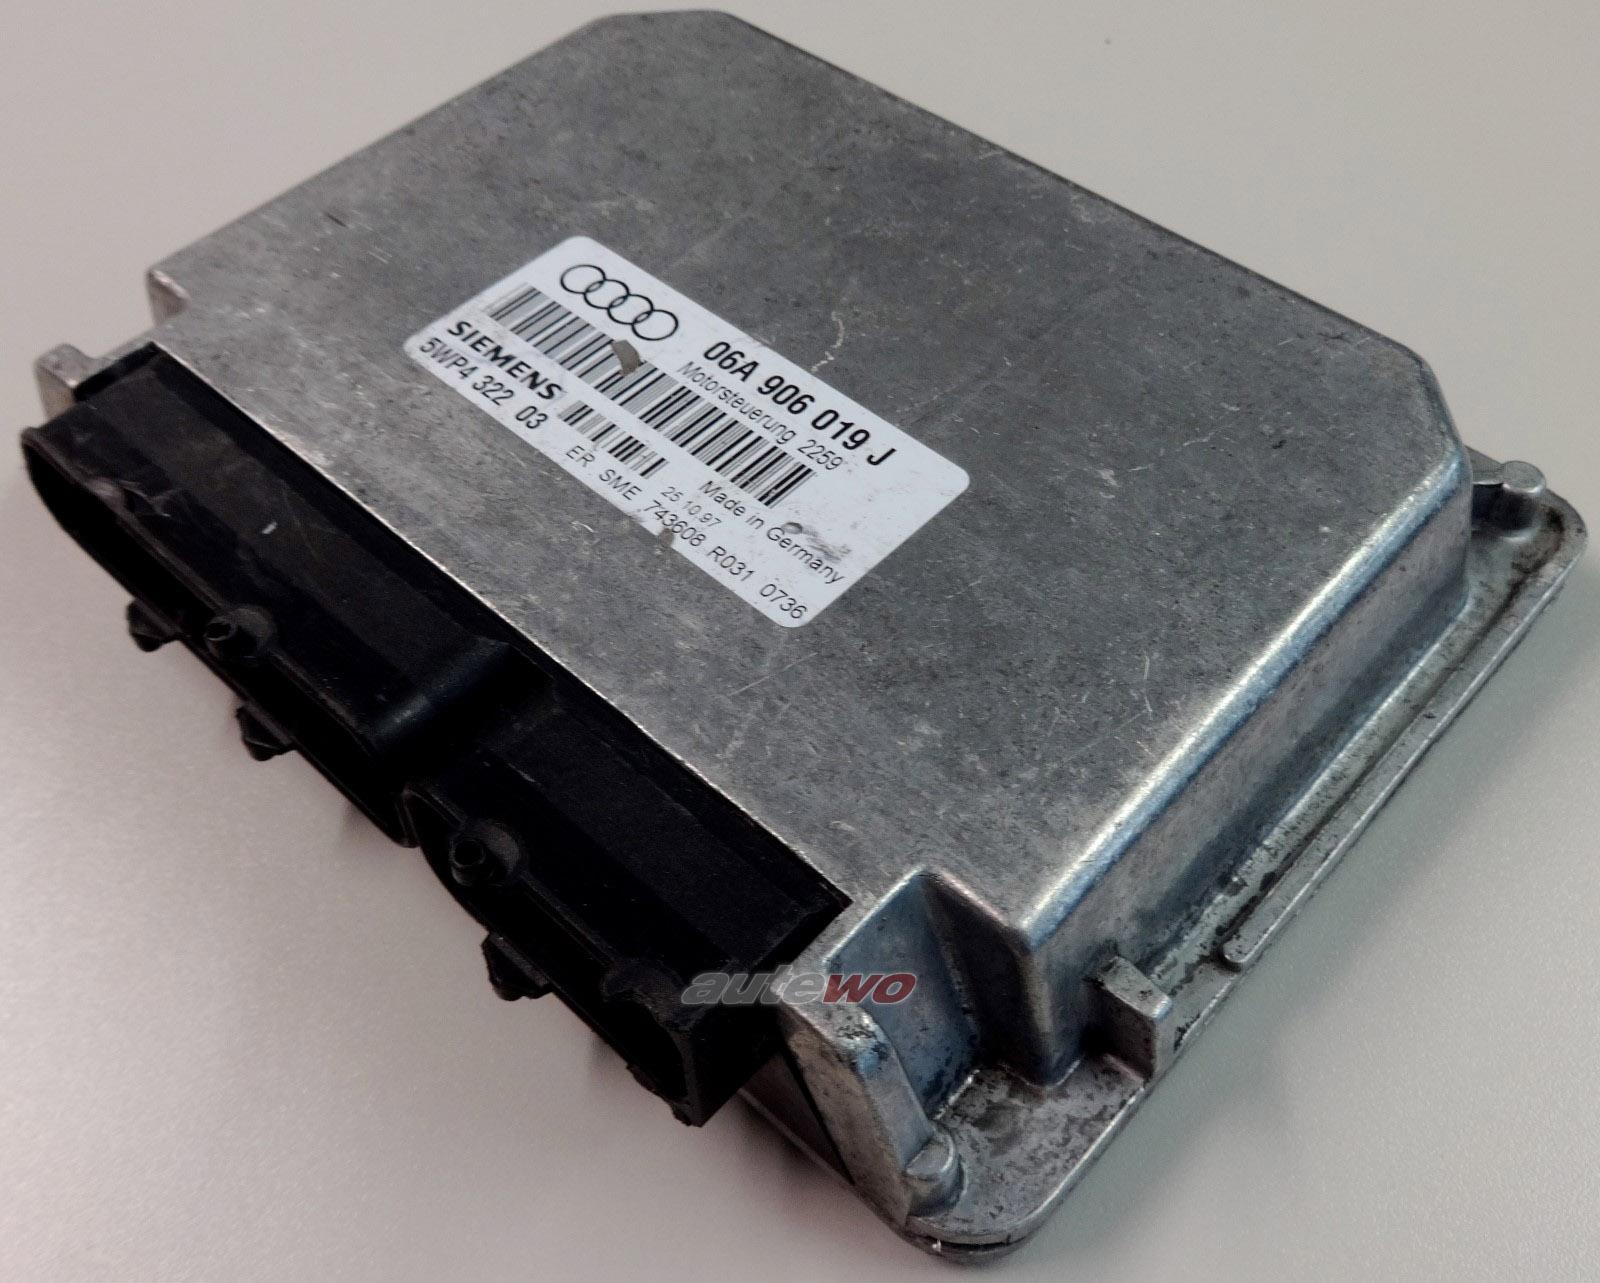 #06A906019J 5WP432203 Audi A3 8L 1.6l 100PS 4 Zyl. AEH Motorsteuergerät Automatik